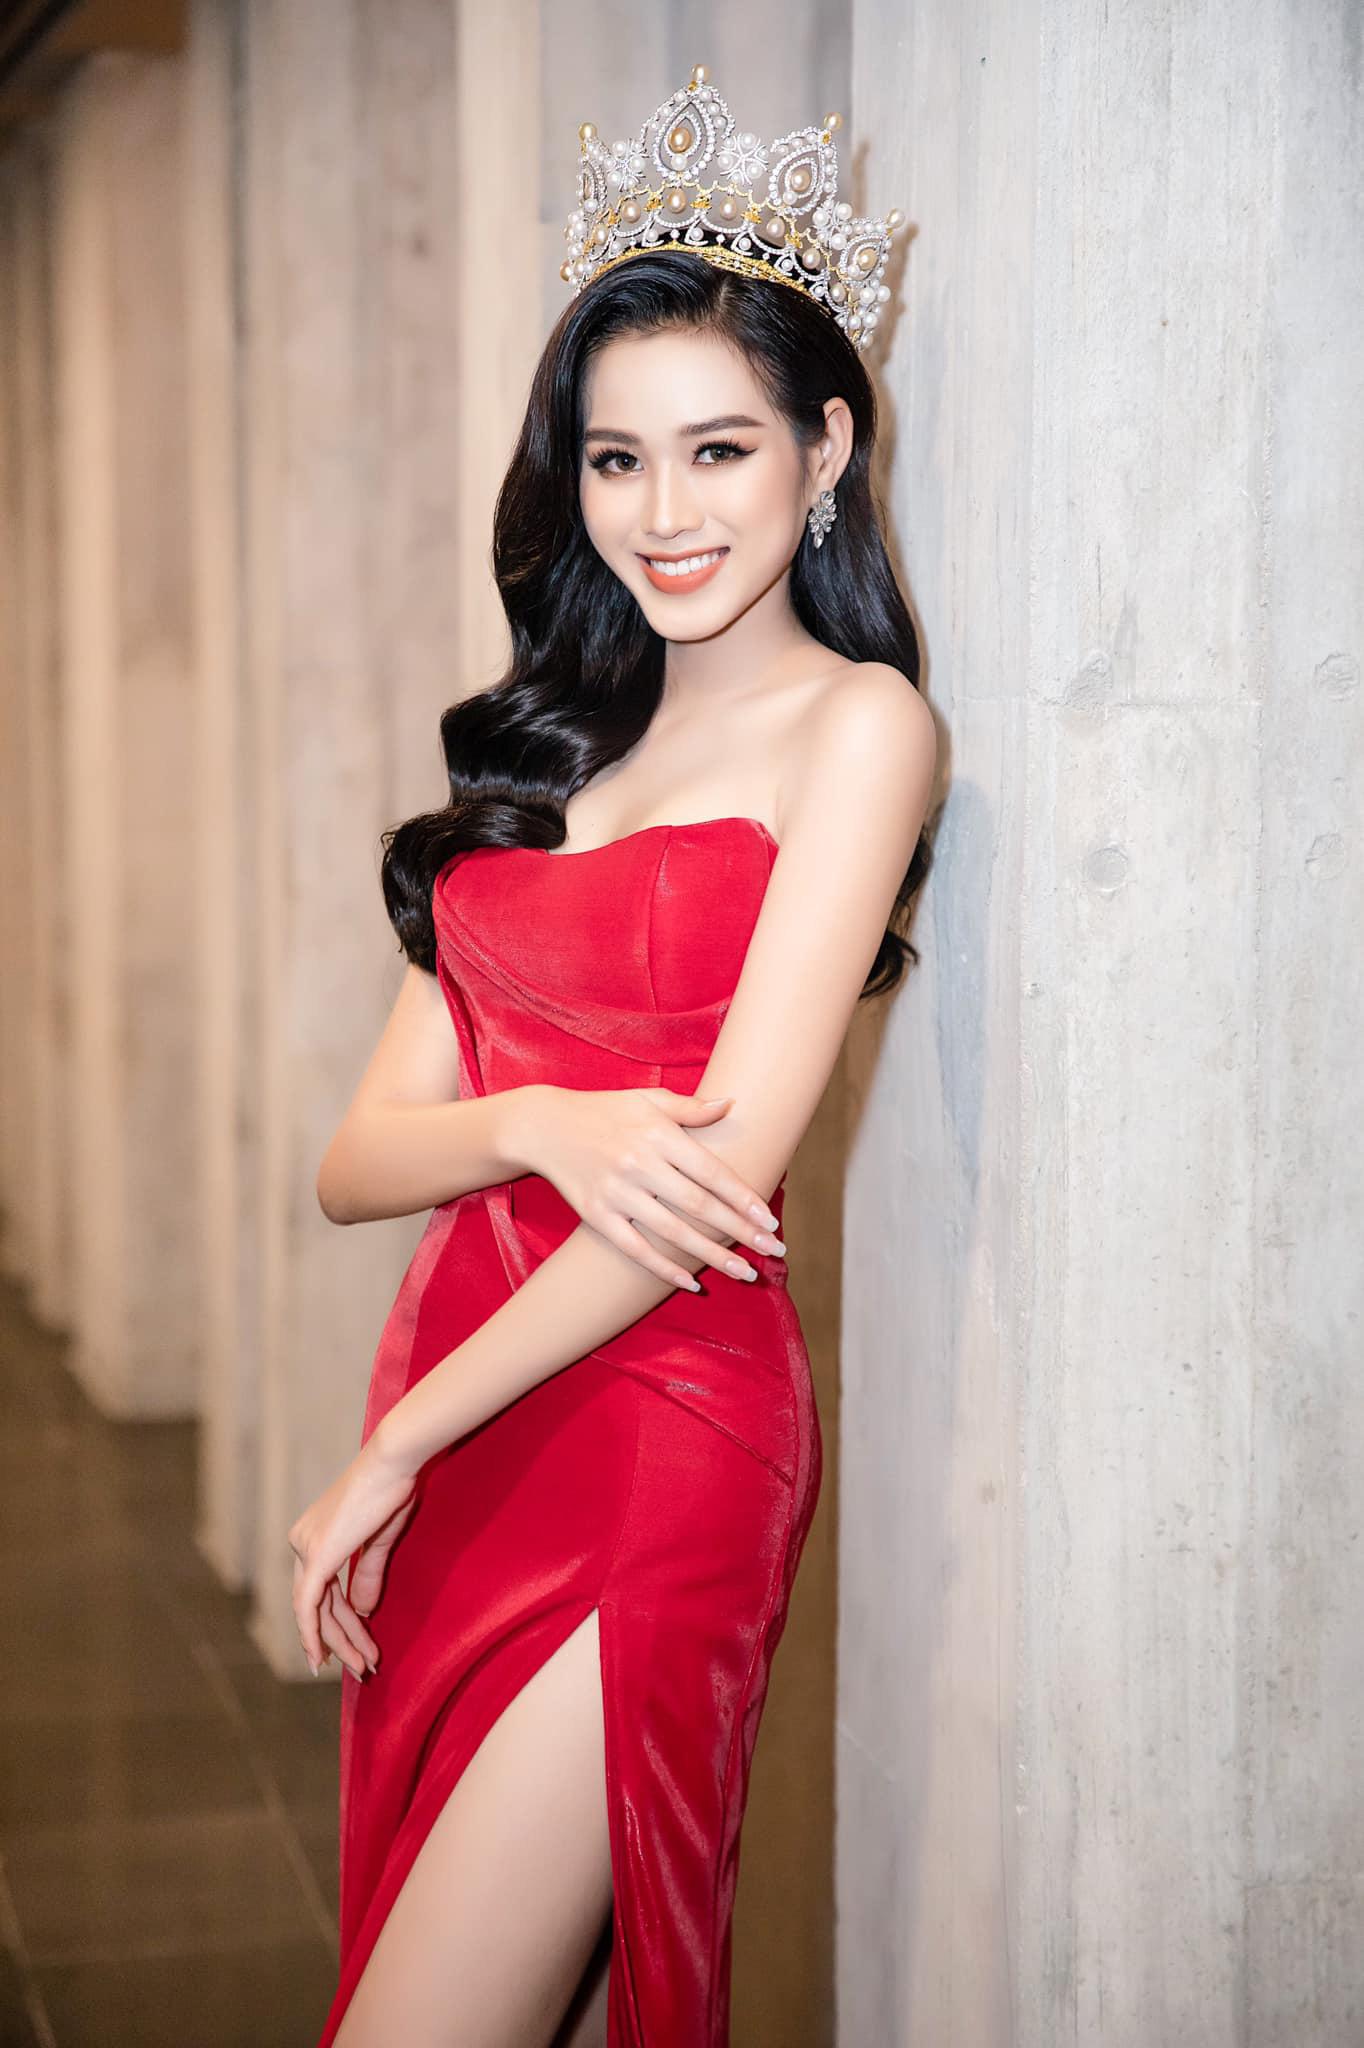 Đỗ Thị Hà bất ngờ được dự đoán lọt Top 10 Miss World 2021 - Ảnh 3.